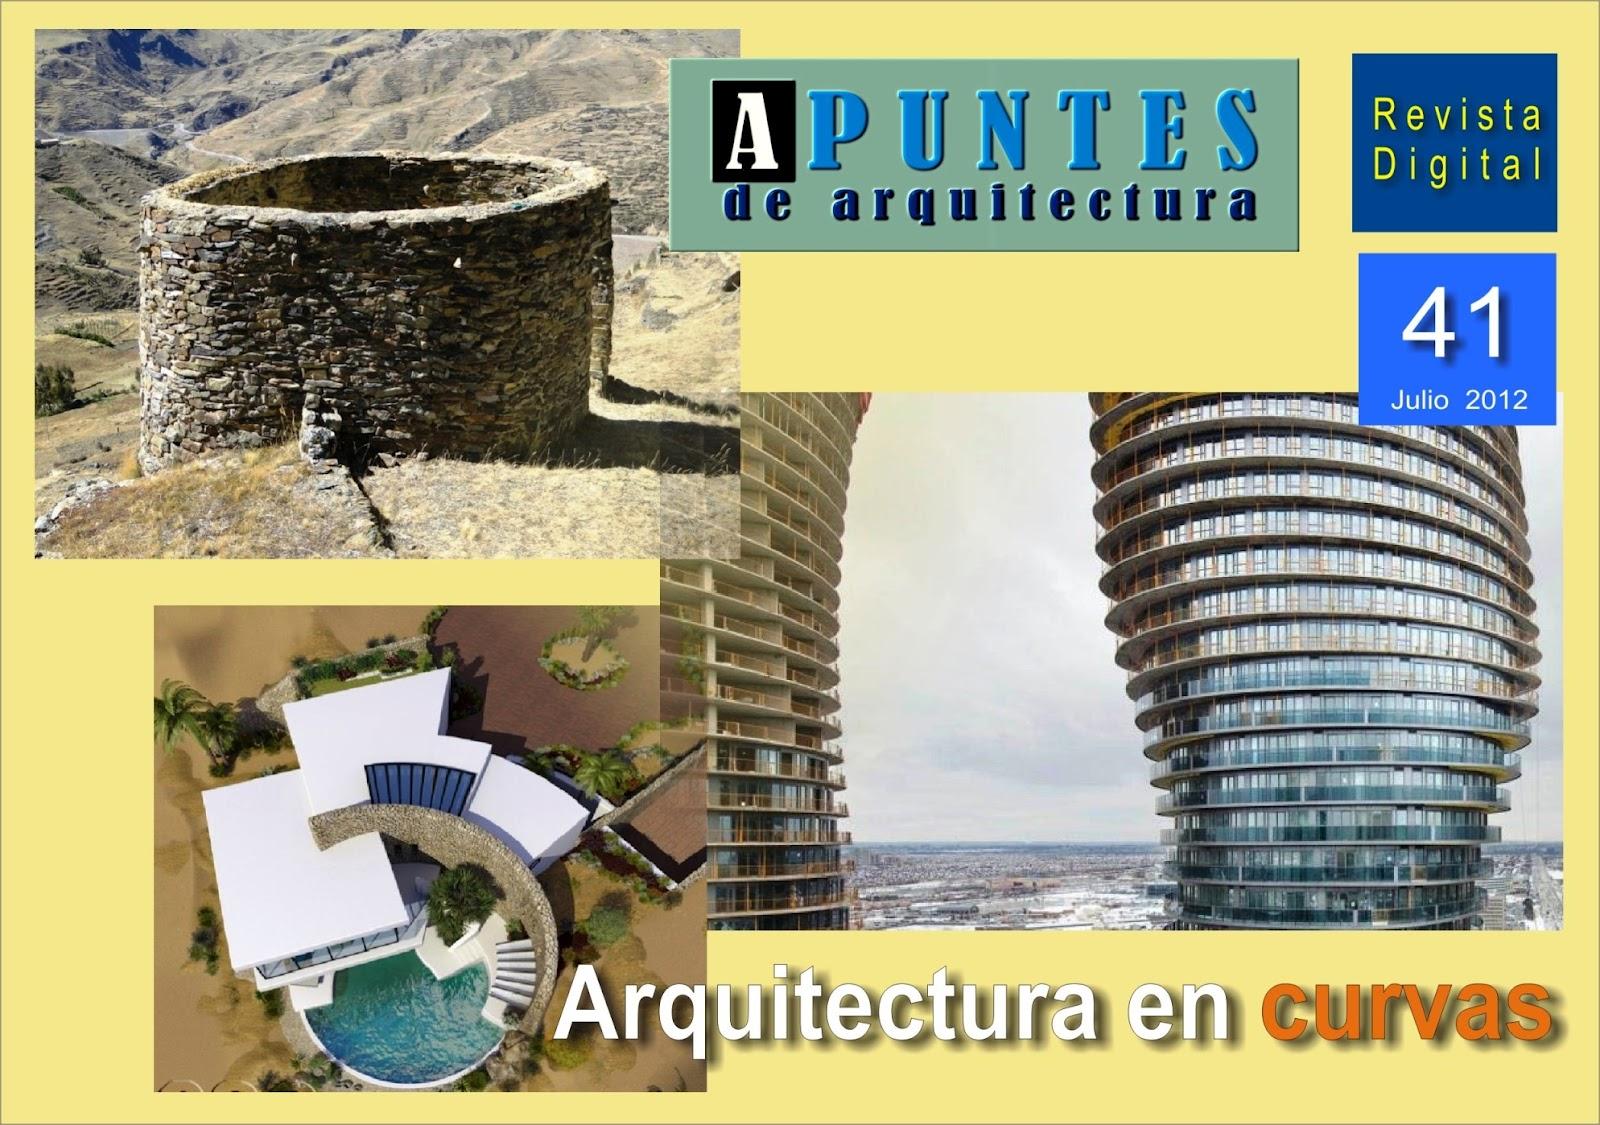 Apuntes Revista Digital De Arquitectura Julio 2012